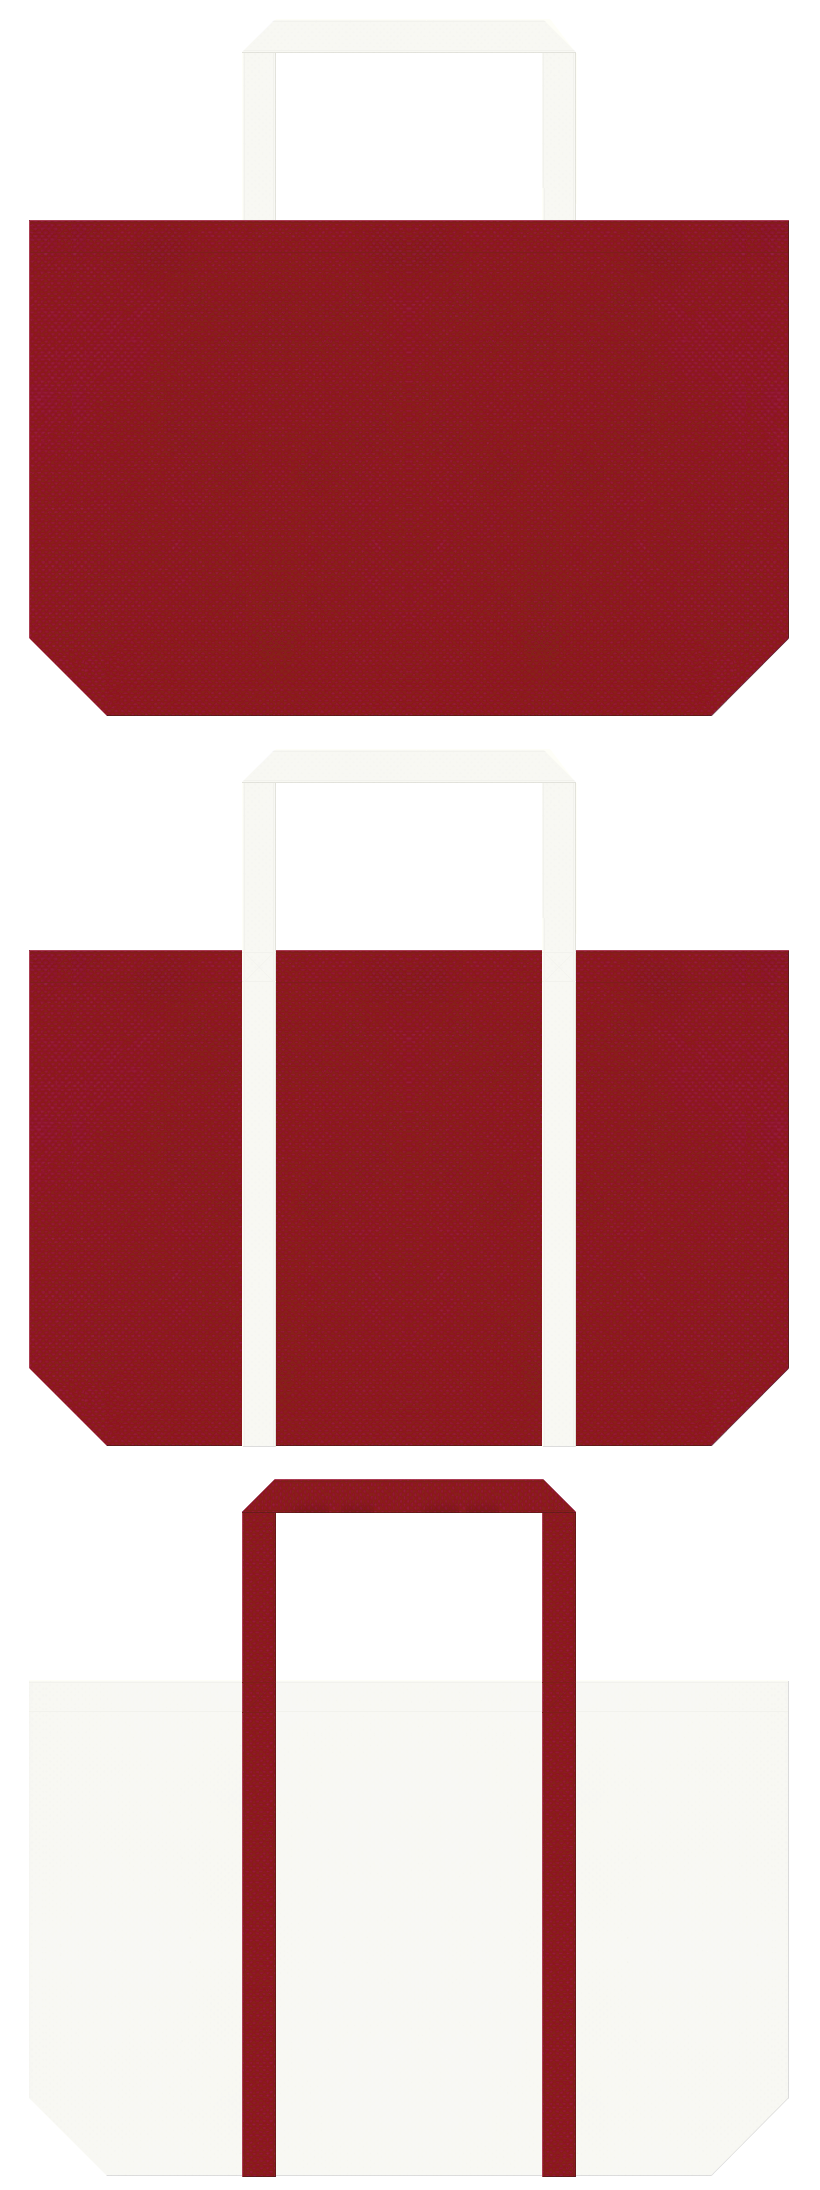 救急用品・クリスマスにお奨め:エンジ色とオフホワイト色の不織布ショッピングバッグのデザイン